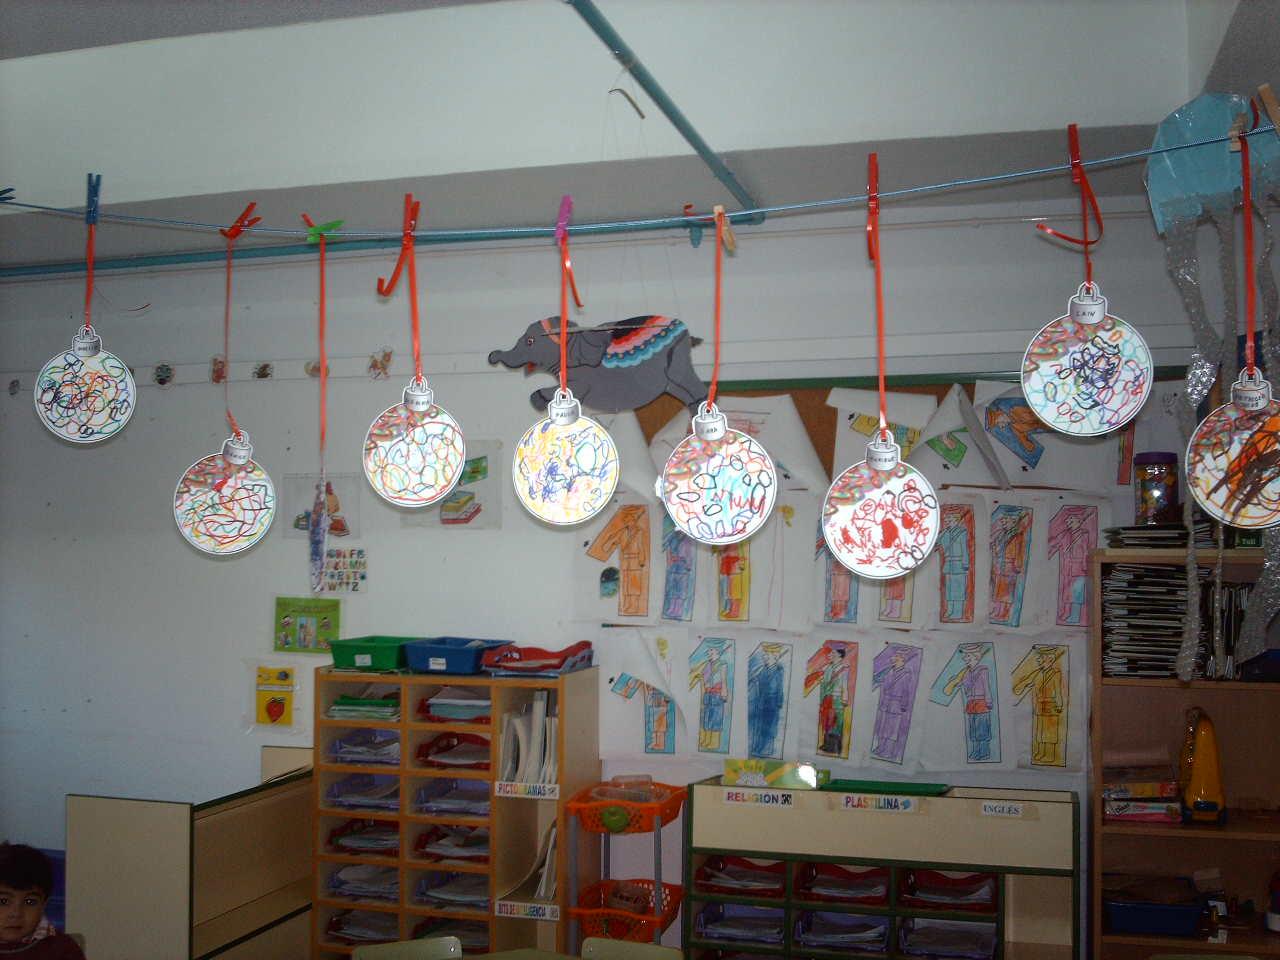 Mi aula de infantil decoraci n de la navidad - Como decorar un salon en navidad ...